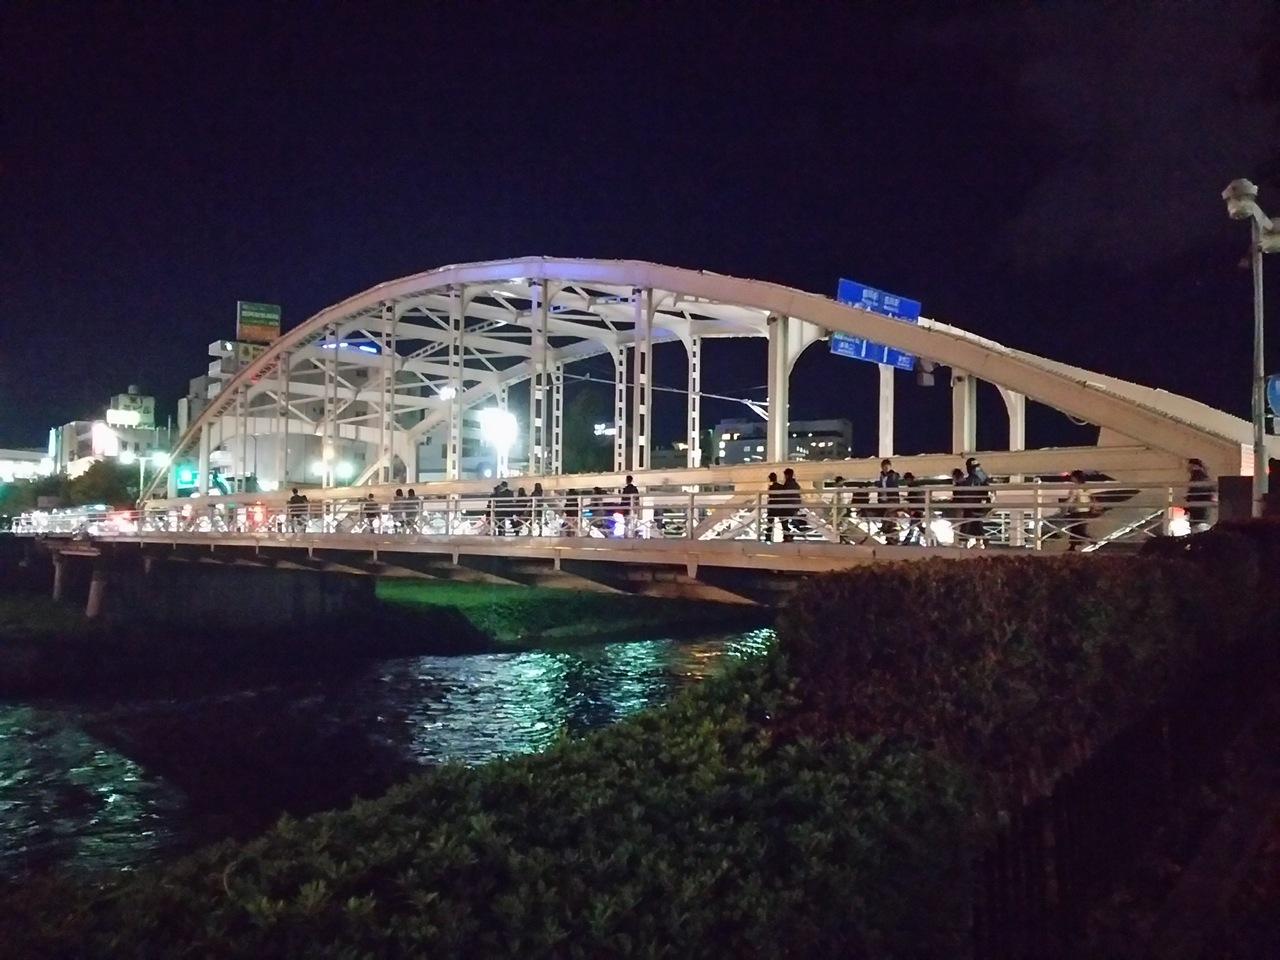 開運橋 クチコミガイド【フォートラベル】|盛岡